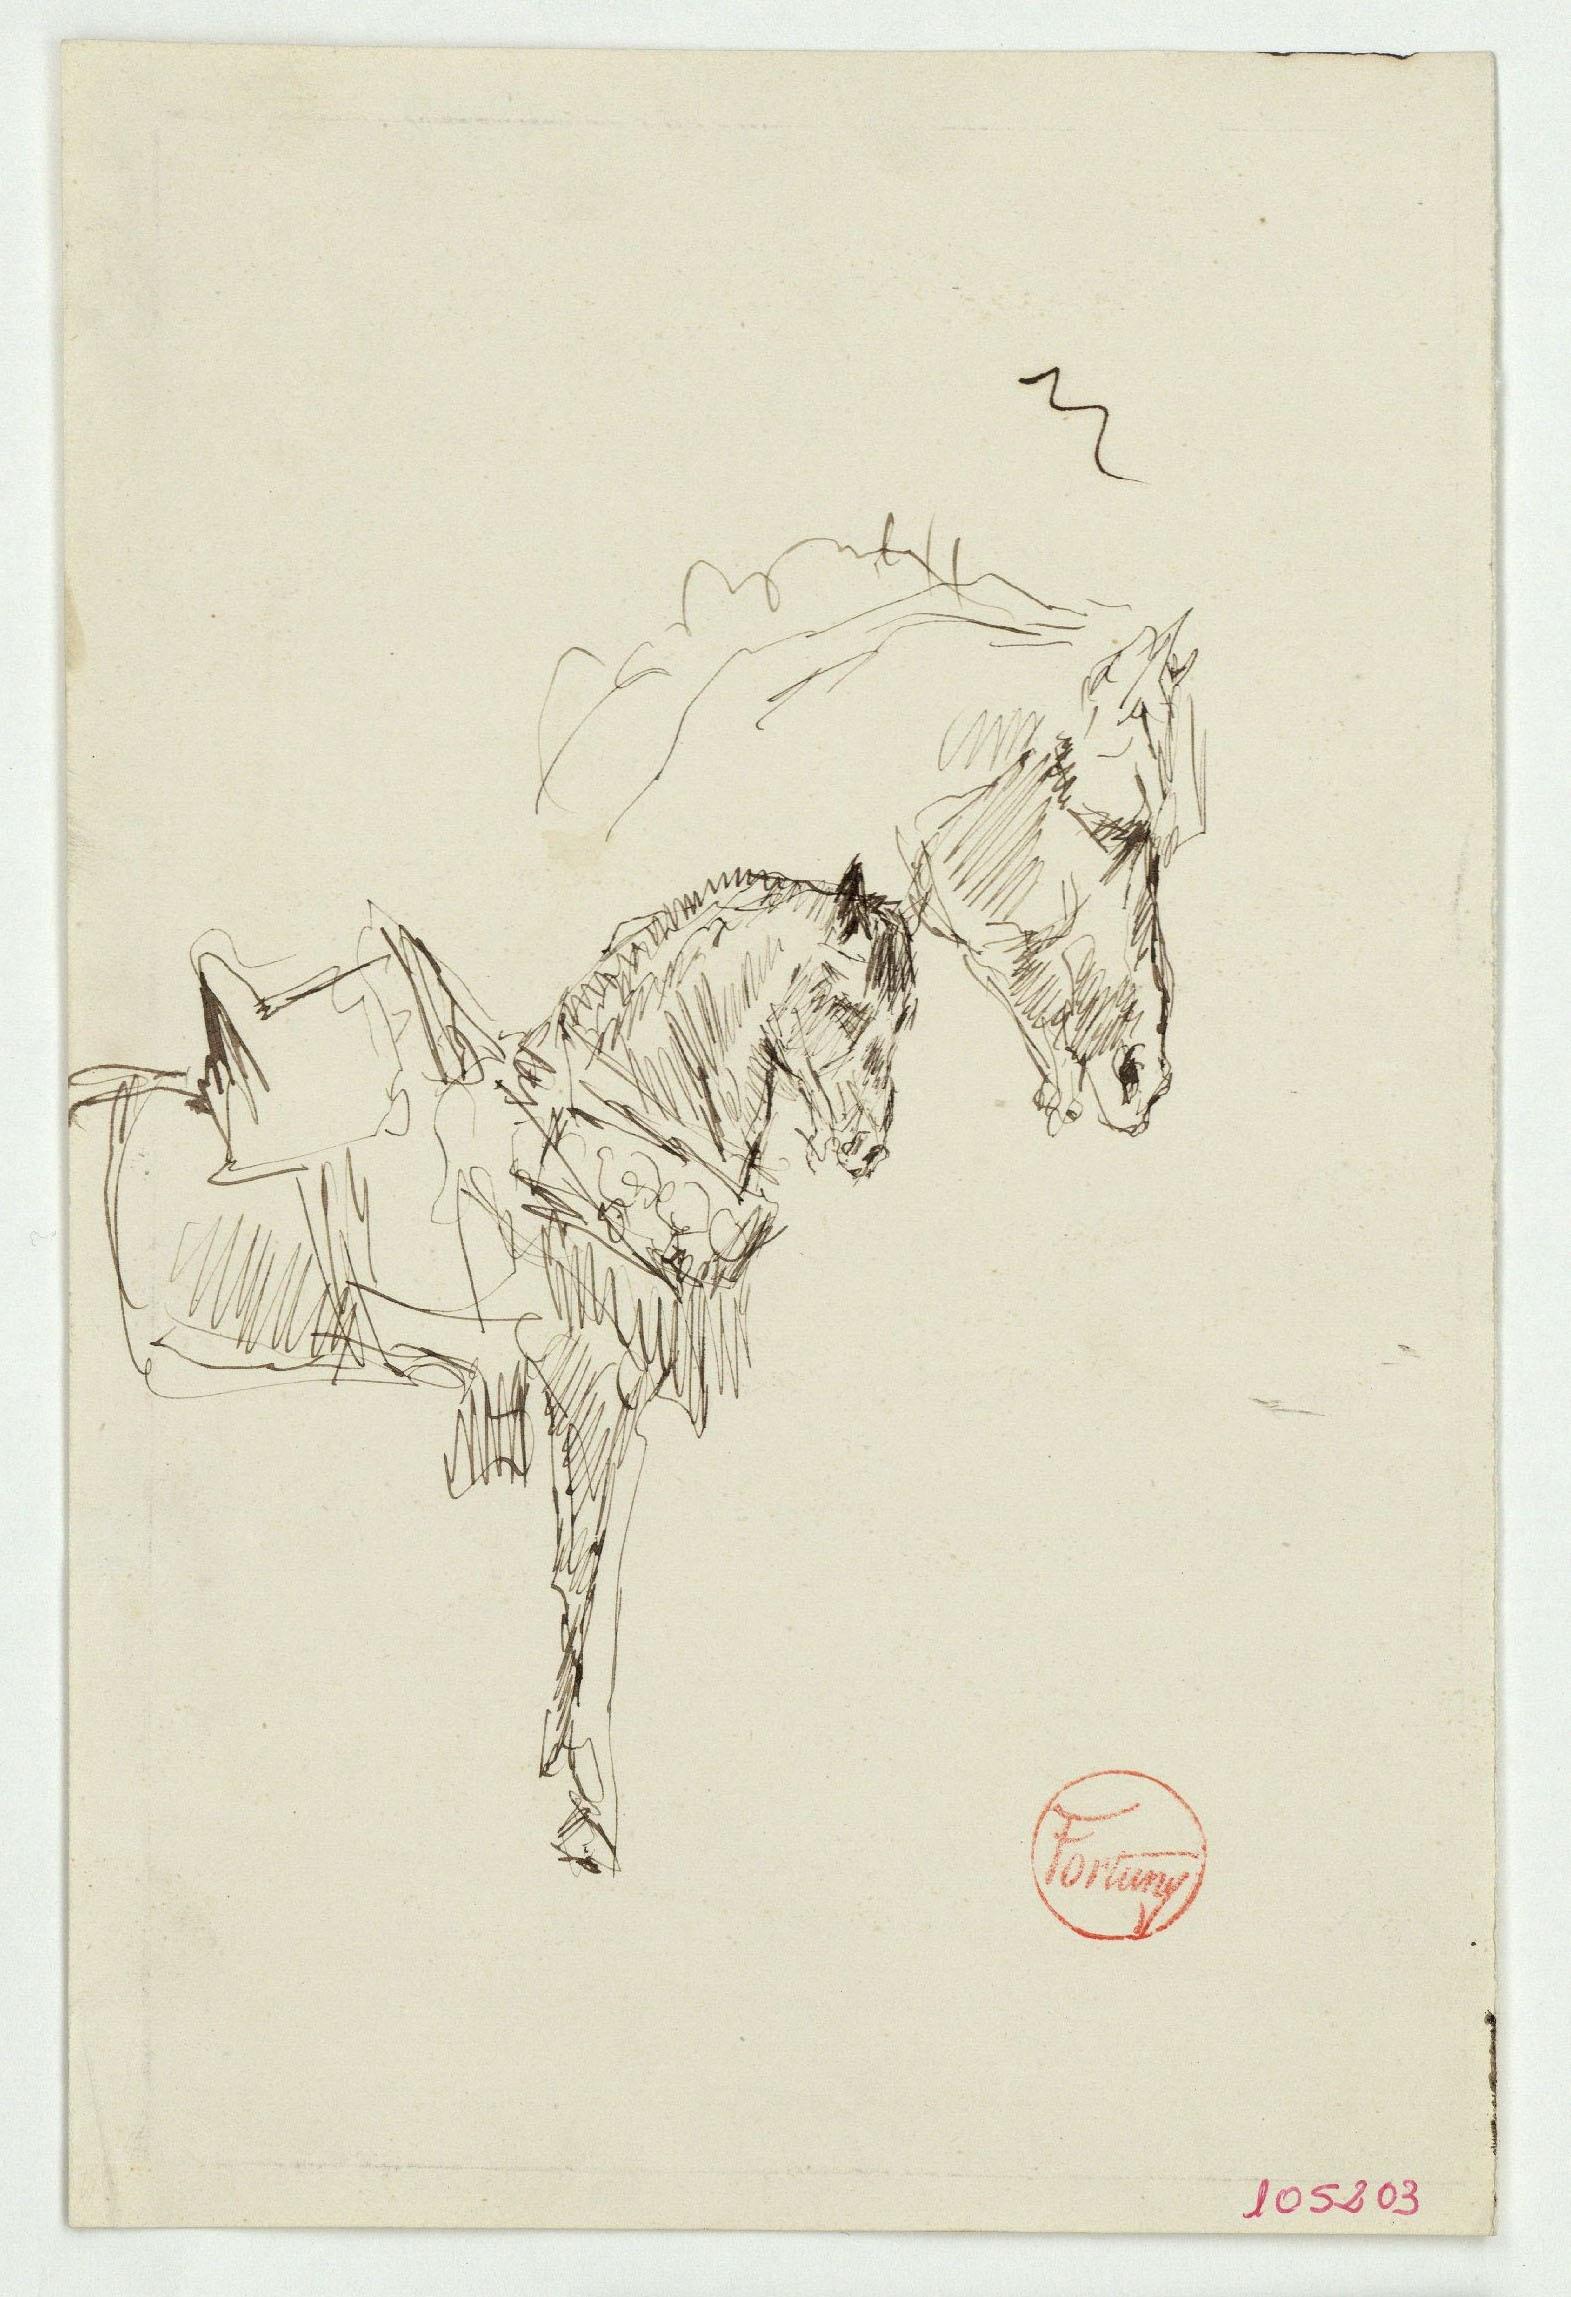 Marià Fortuny - Estudi de cavall - Cap a 1860-1862